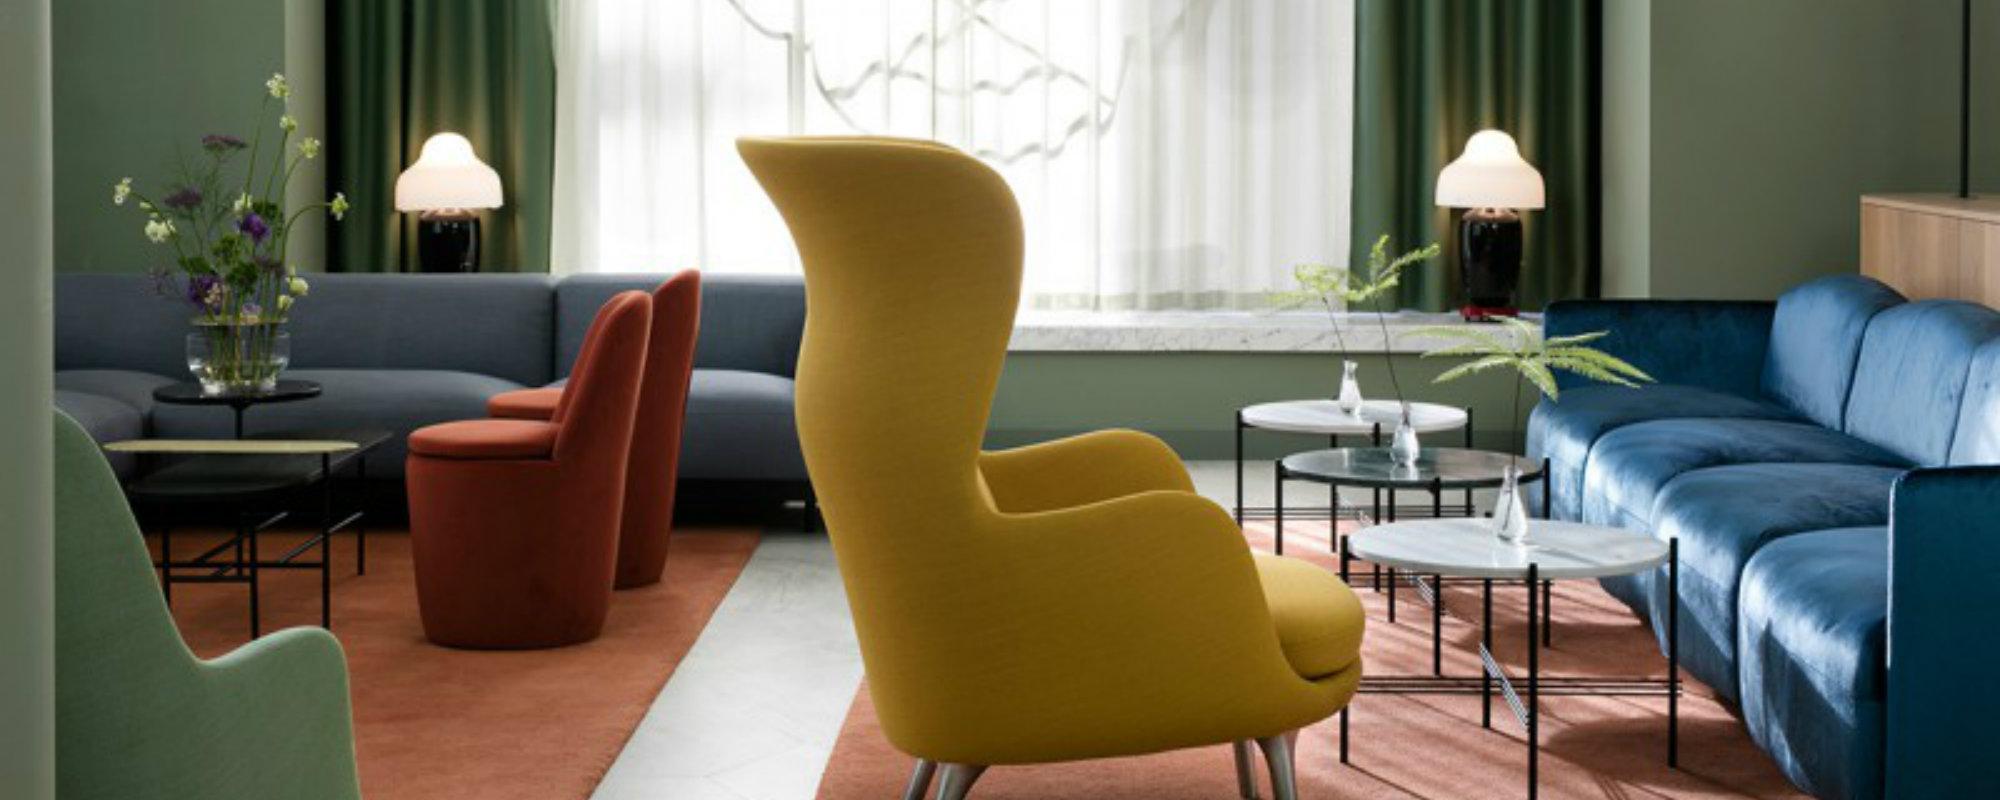 Interiorismo lujo: Empresas lujuosas que hacen proyectos de decoración interiorismo lujo Interiorismo lujo: Empresas lujuosas que hacen proyectos de decoración Featured 10